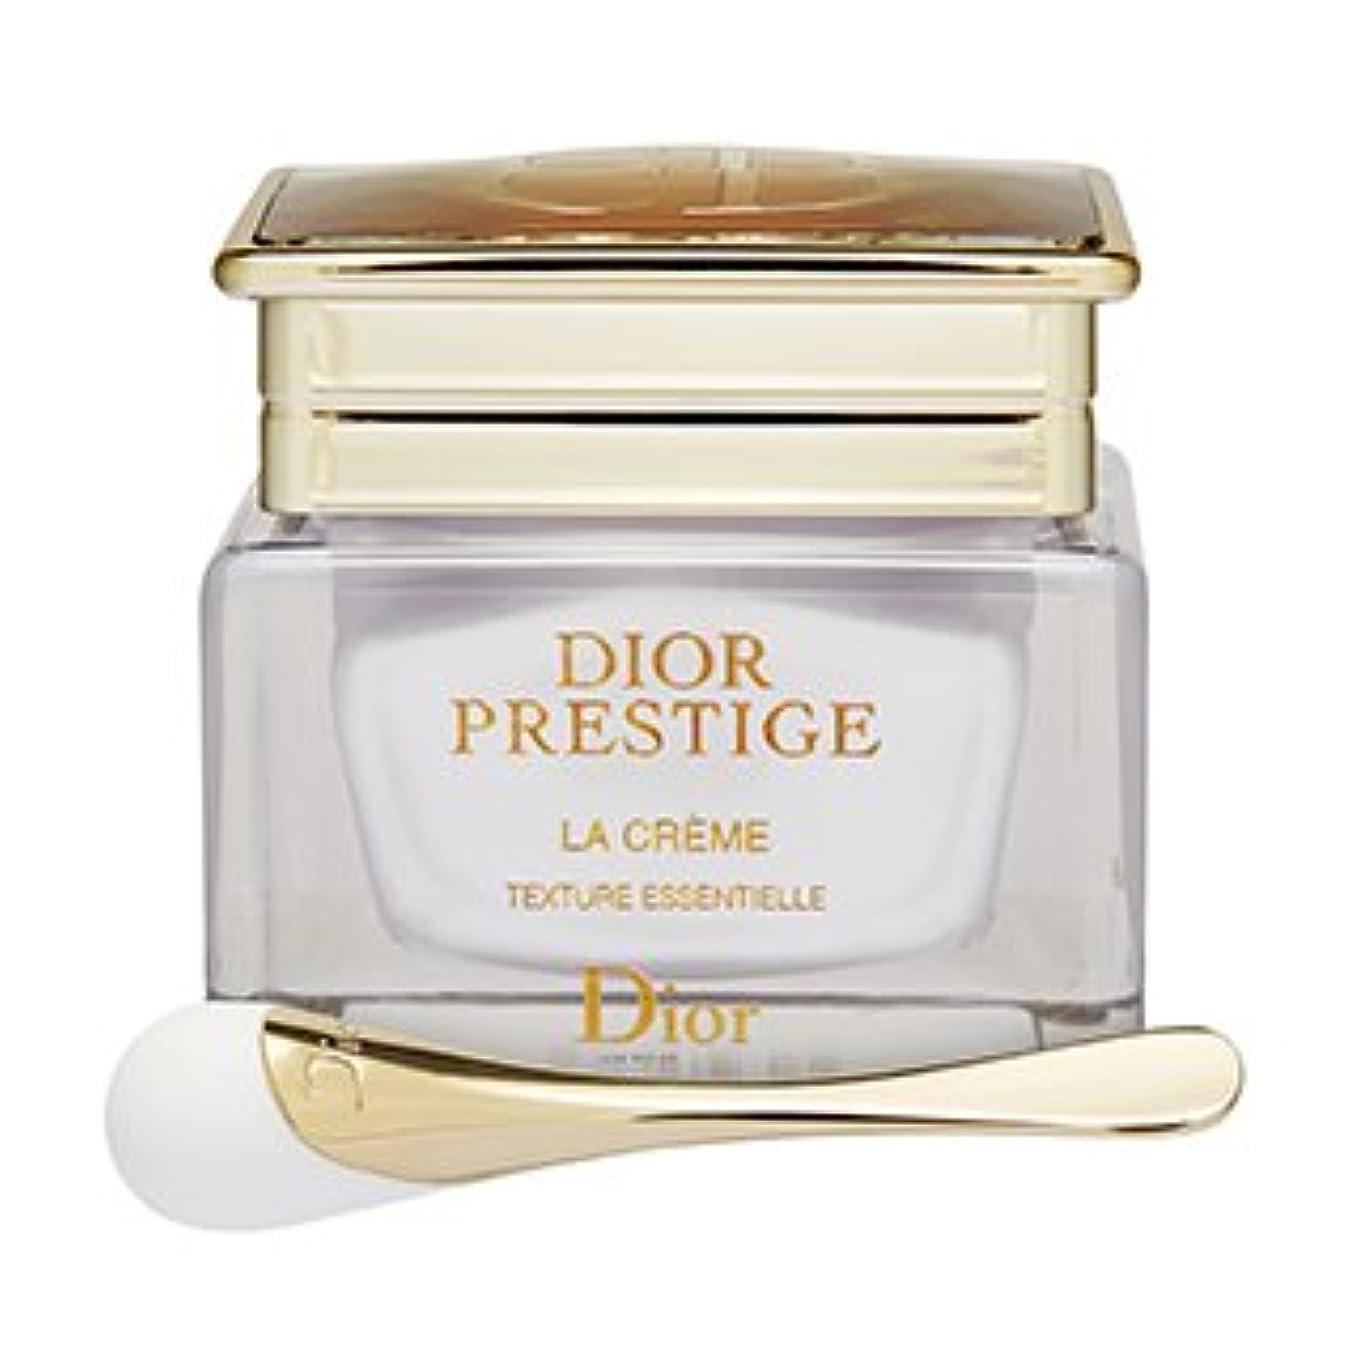 疼痛無視採用ディオール(Dior) プレステージ ラ クレーム - 極上のテクスチャー [並行輸入品]